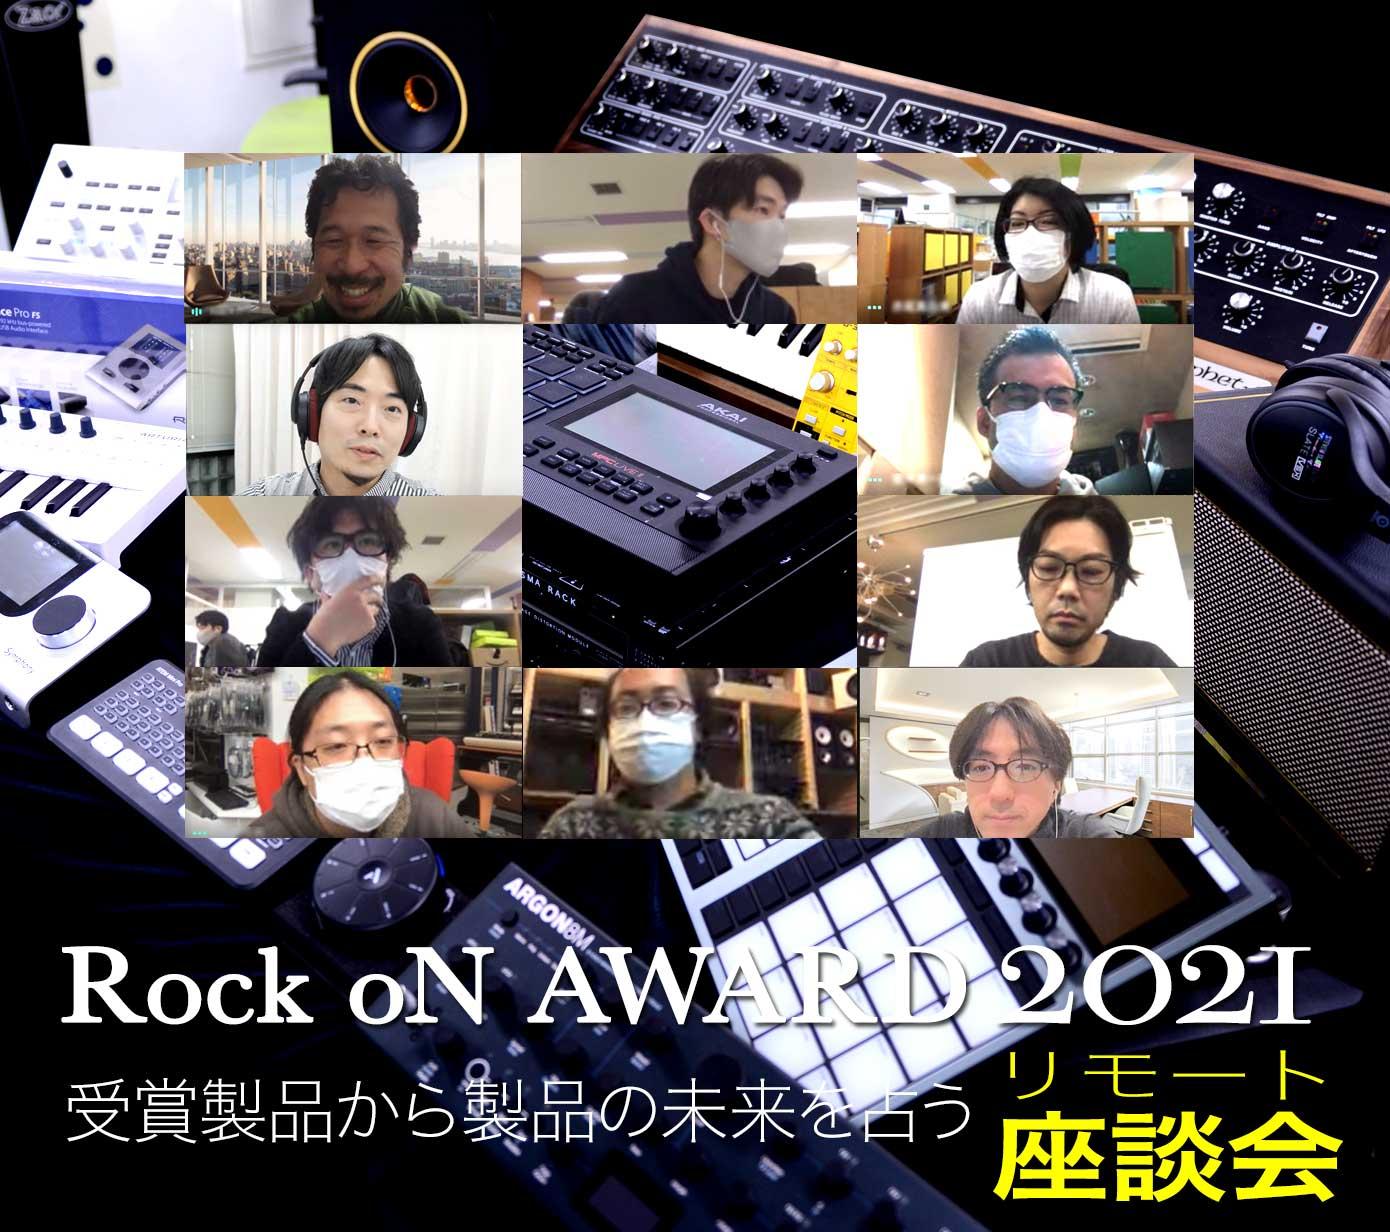 20210120_after-award2021-2